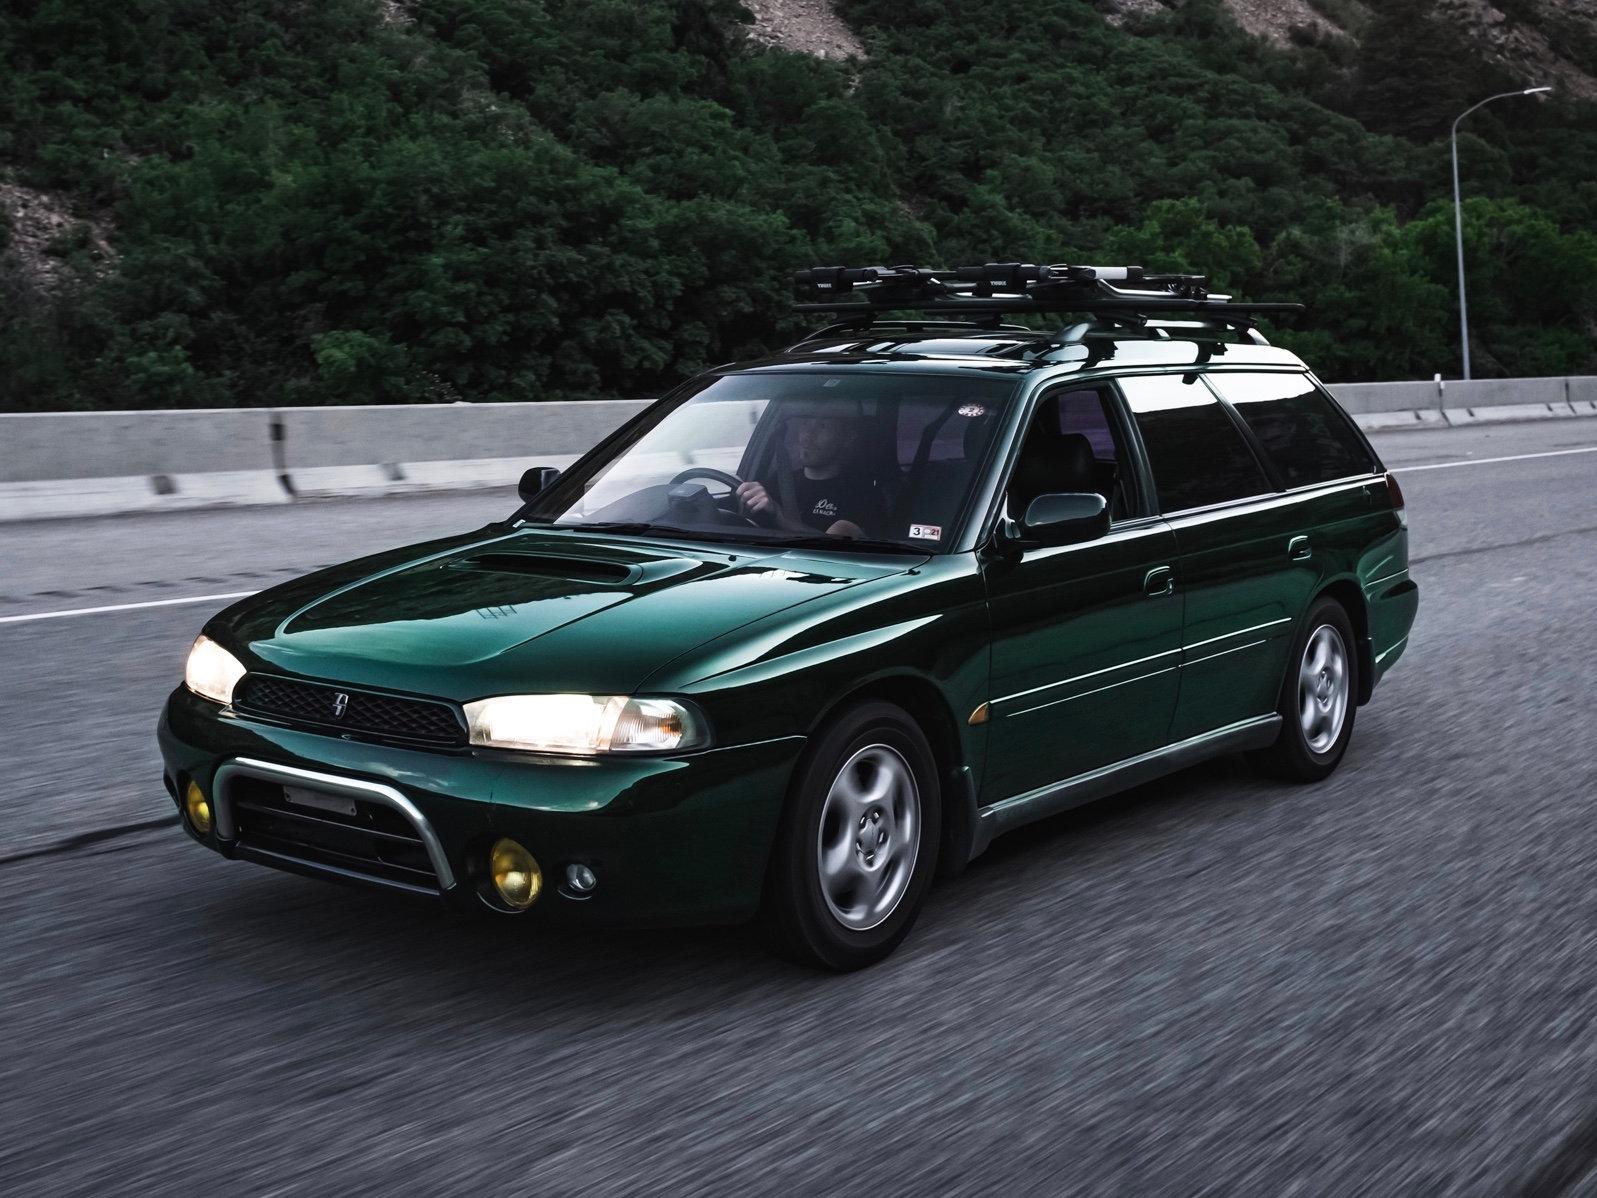 1994 Twin Turbo Subaru Legacy GT